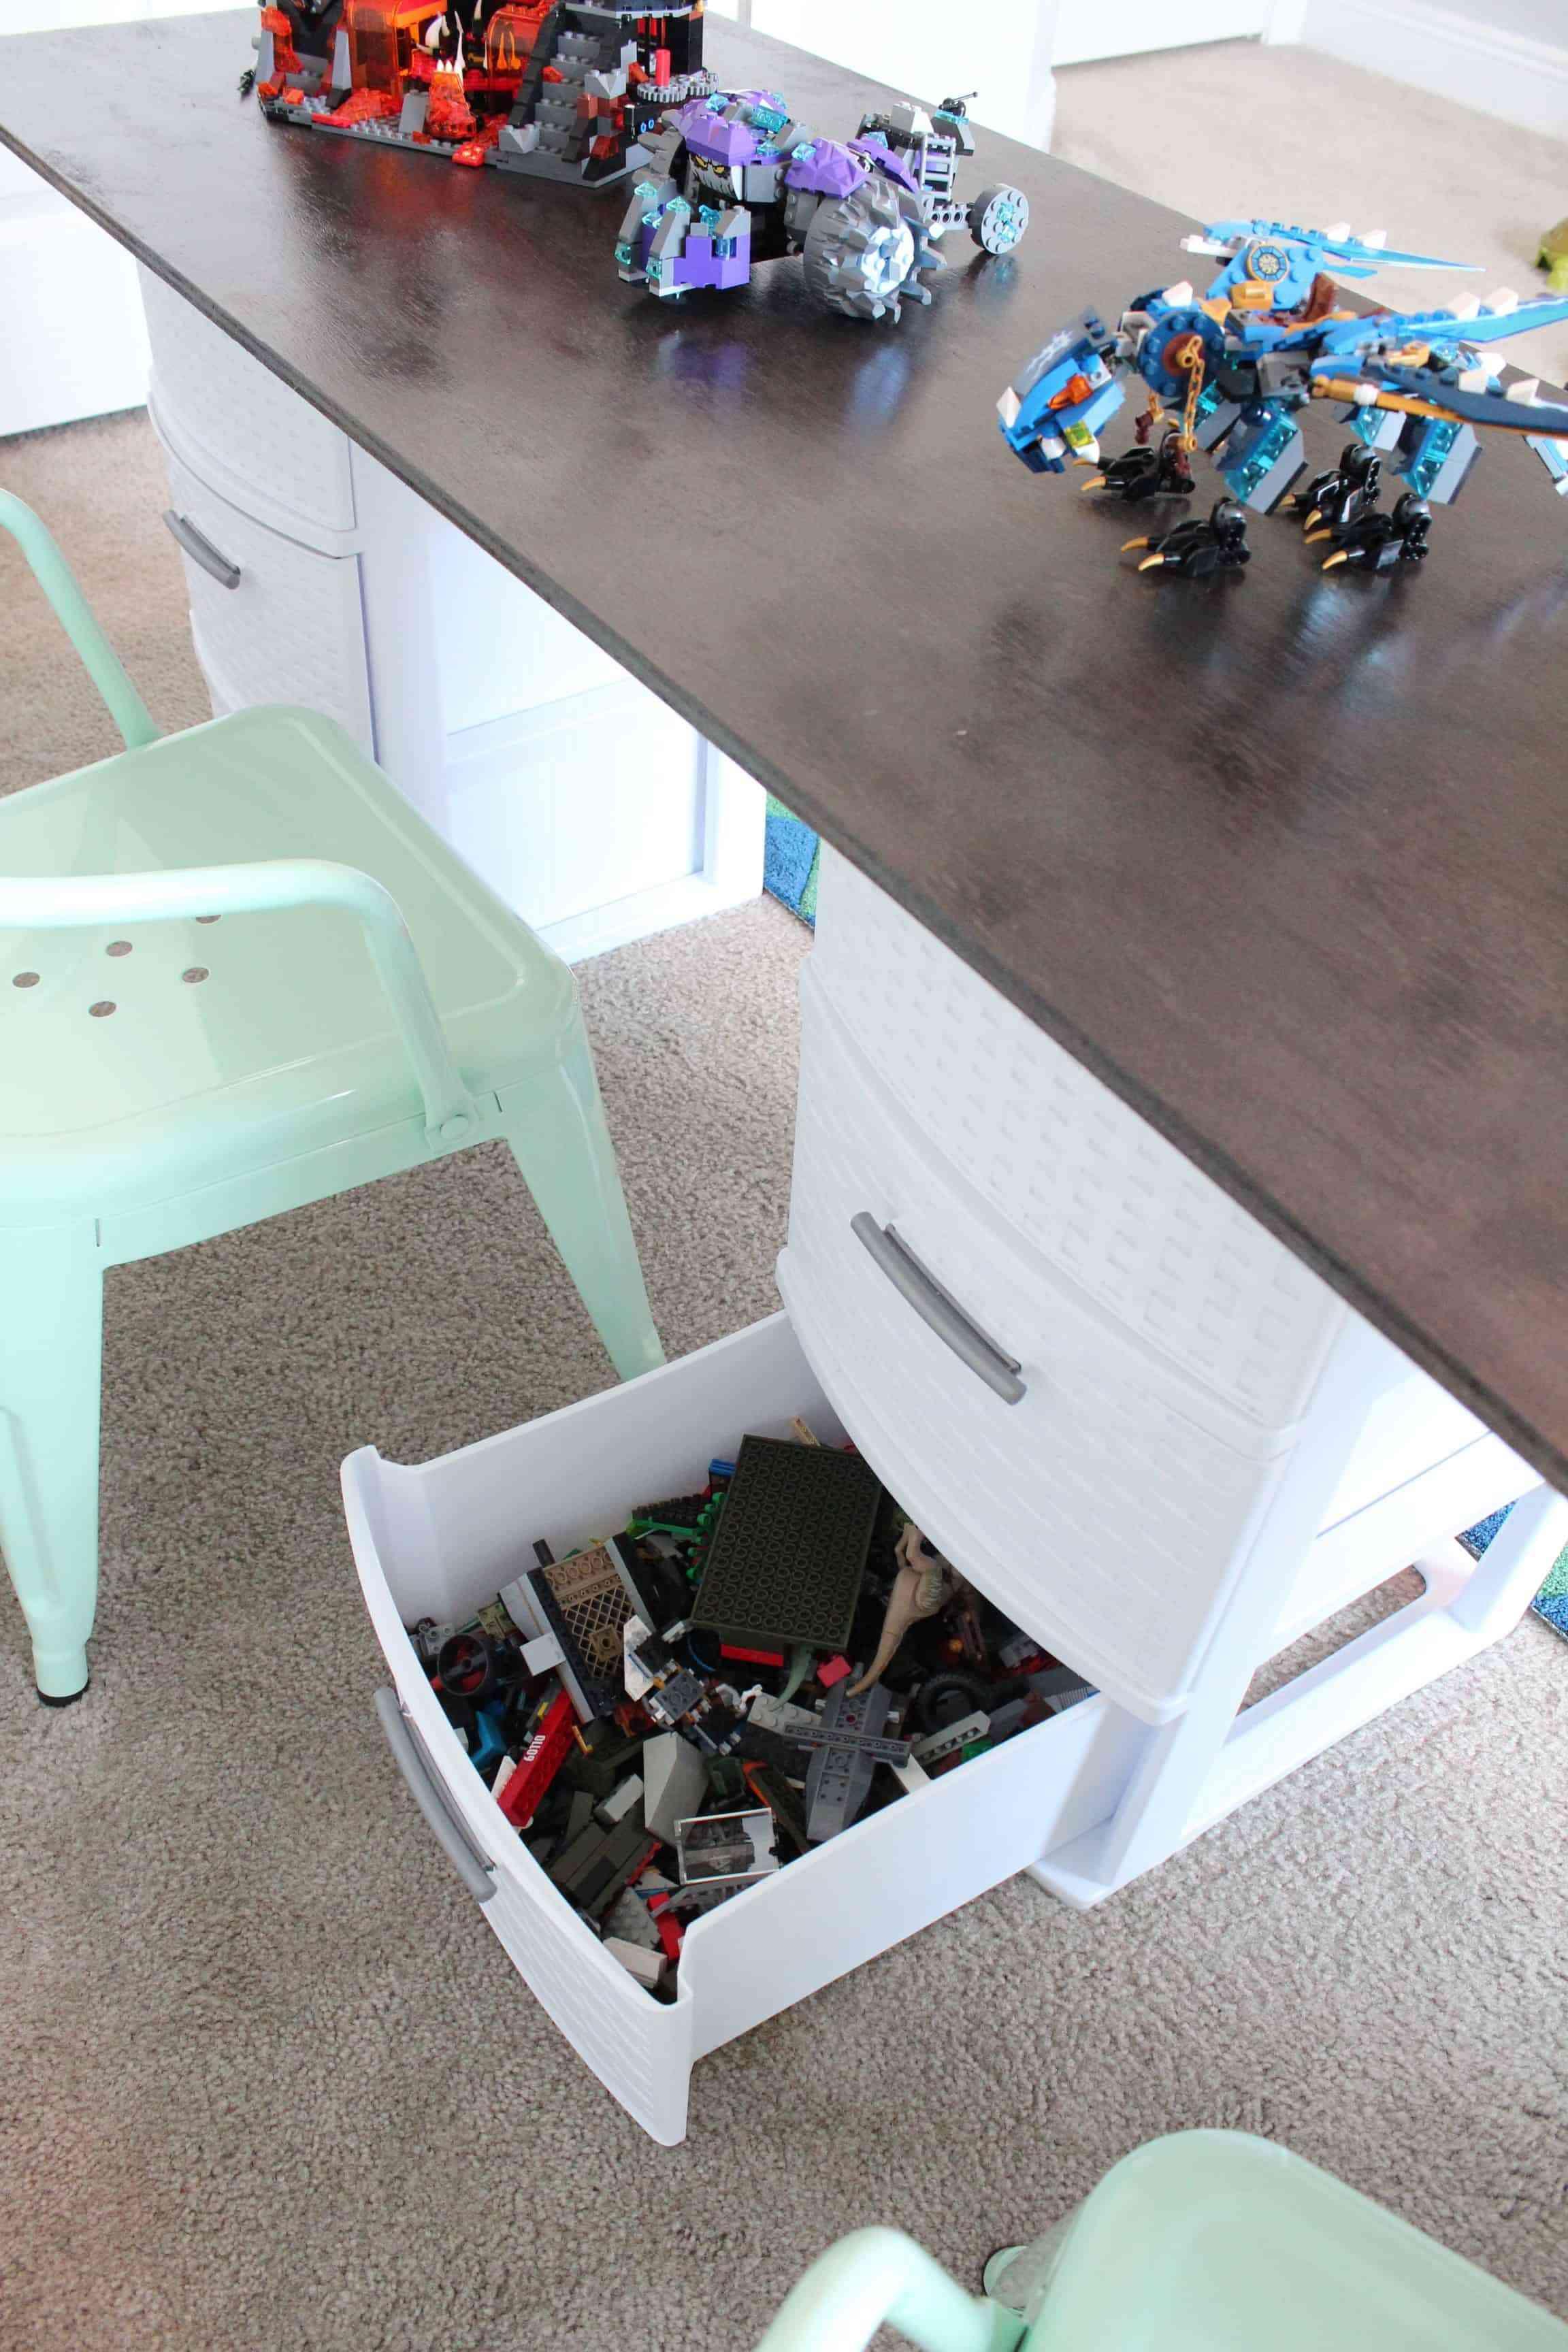 A desk drawer full of legos